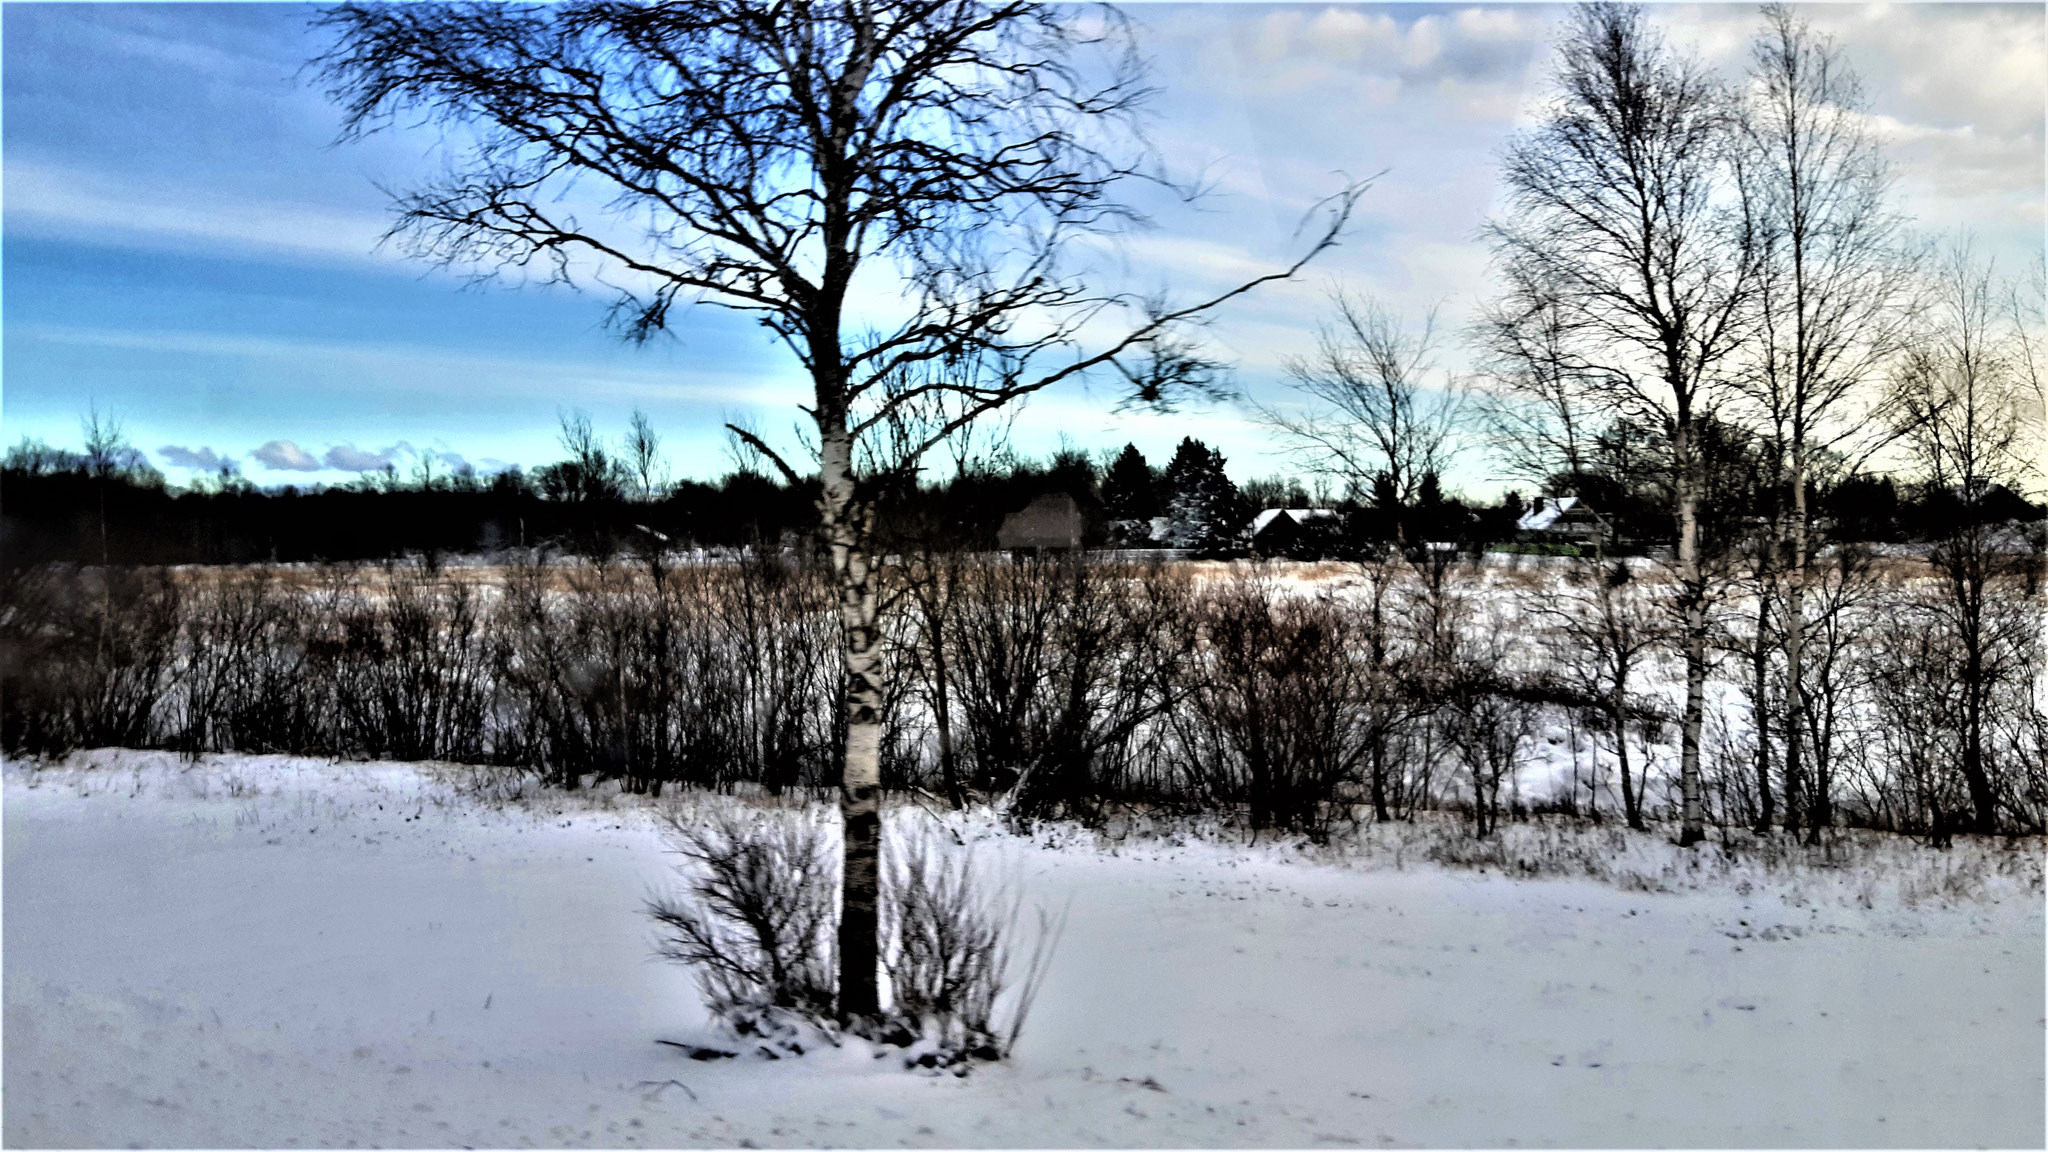 Est_Innen sehen in diesem Bild mehr als nur den Baum im Schnee - Finde die Flagge ;)